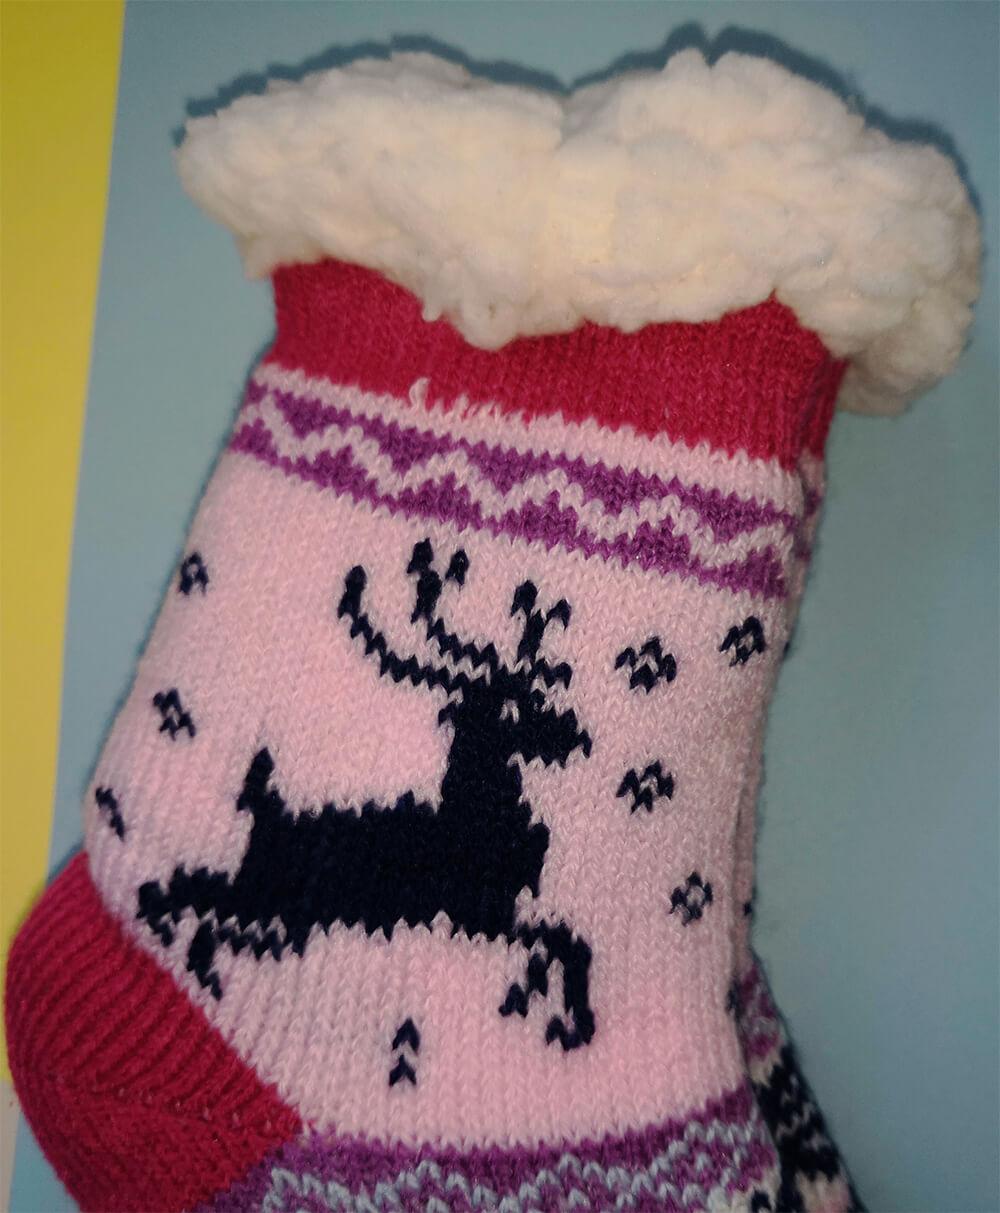 Детские носки-тапочки Emi Ross EJ-6208-p розового цвета. 32-35 размера. Фото 2